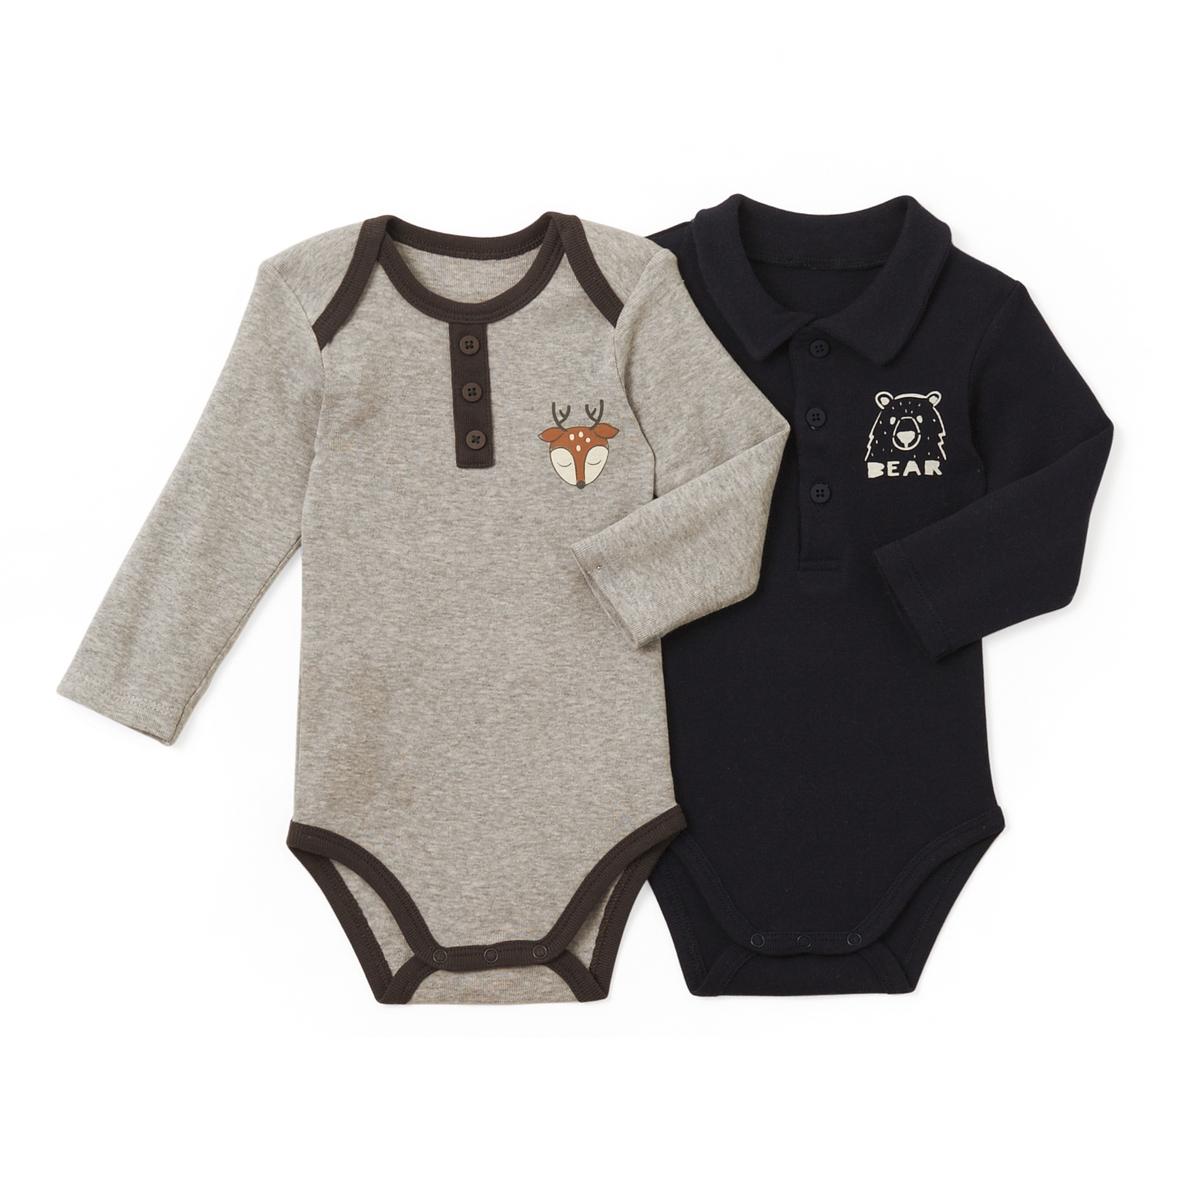 Комплект из 2 хлопковых боди для малышей 0 мес - 3 летДетали •  Рисунок  •  Для новорожденных •  Длинные рукава •  ХлопокСостав и уход •  100% хлопок  •  Стирать при 40° •  Низкая температура глажки / не отбеливать  •  Барабанная сушка на деликатном режиме  •  Сухая чистка запрещена<br><br>Цвет: серый меланж + темно-синий<br>Размер: 0 мес. - 50 см.3 года - 94 см.2 года - 86 см.3 мес. - 60 см